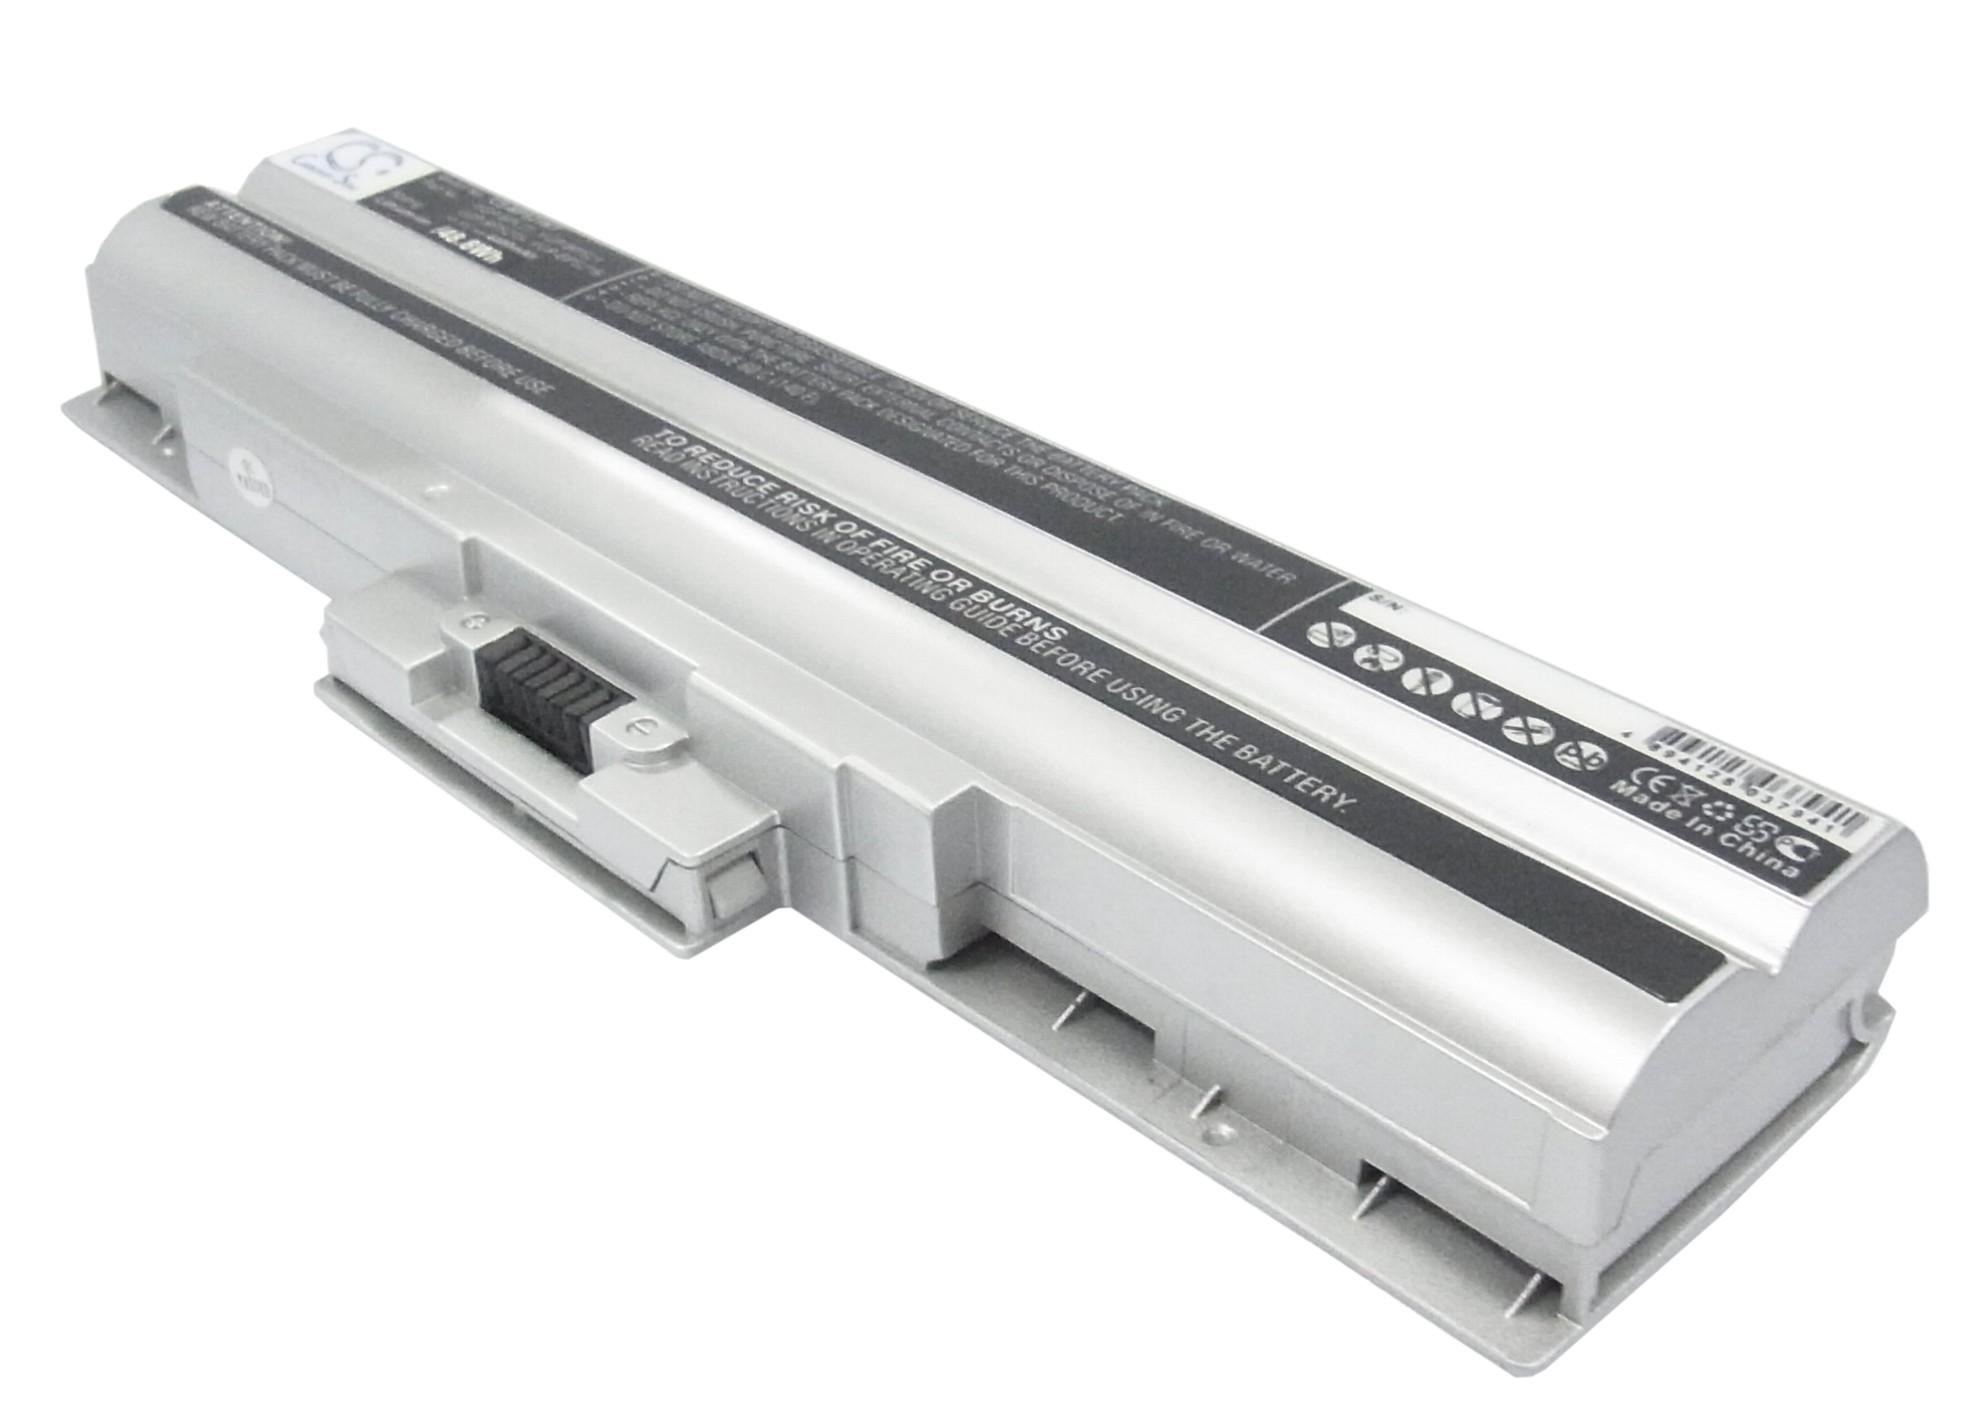 Cameron Sino baterie do notebooků pro SONY VAIO VGN-CS36GJ/I 11.1V Li-ion 4400mAh stříbrná - neoriginální